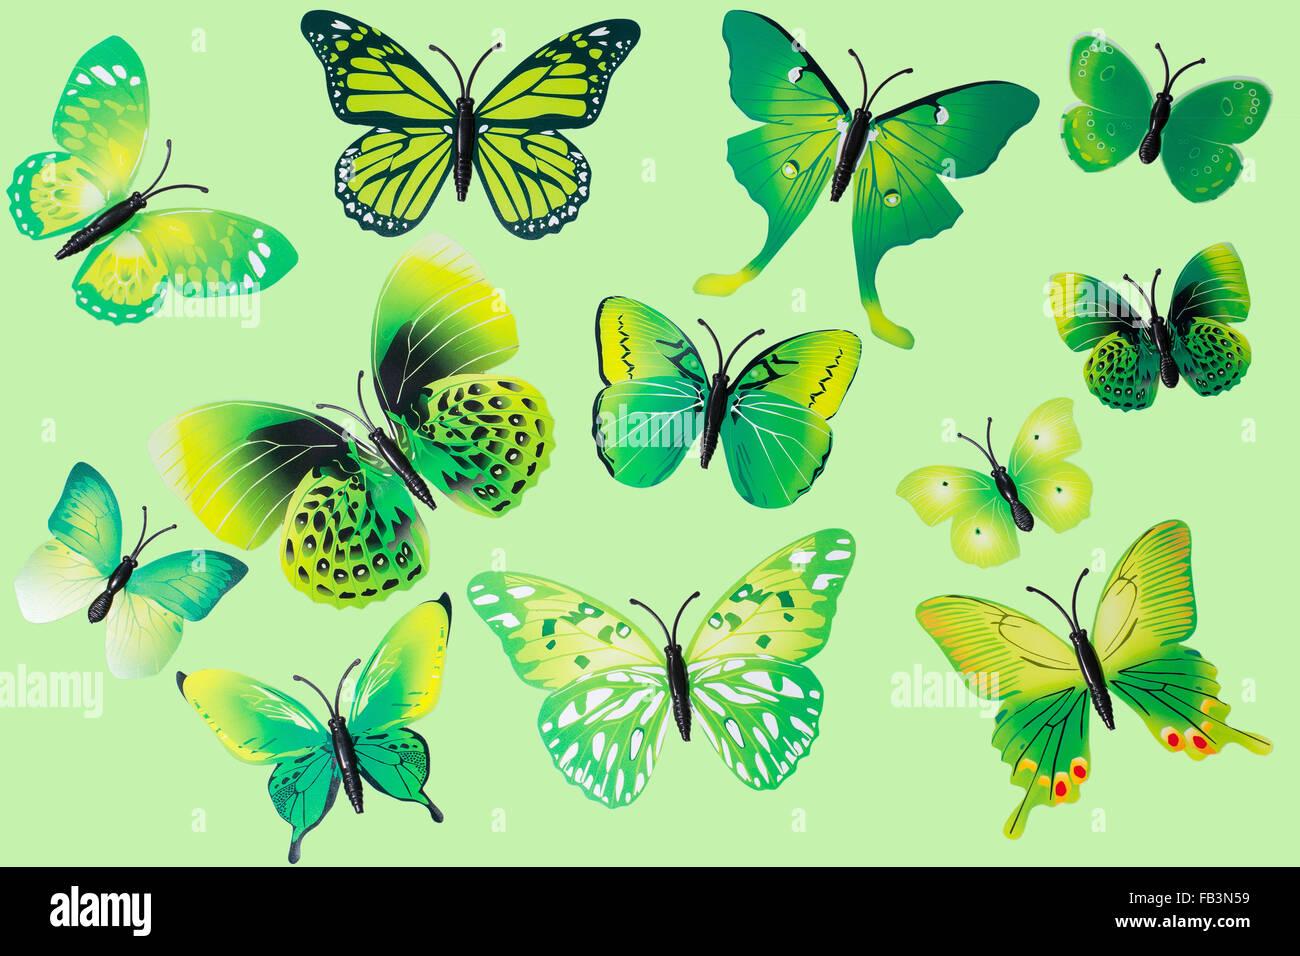 Raccolta di verde Farfalle Fantasia Clip Art Immagini Stock